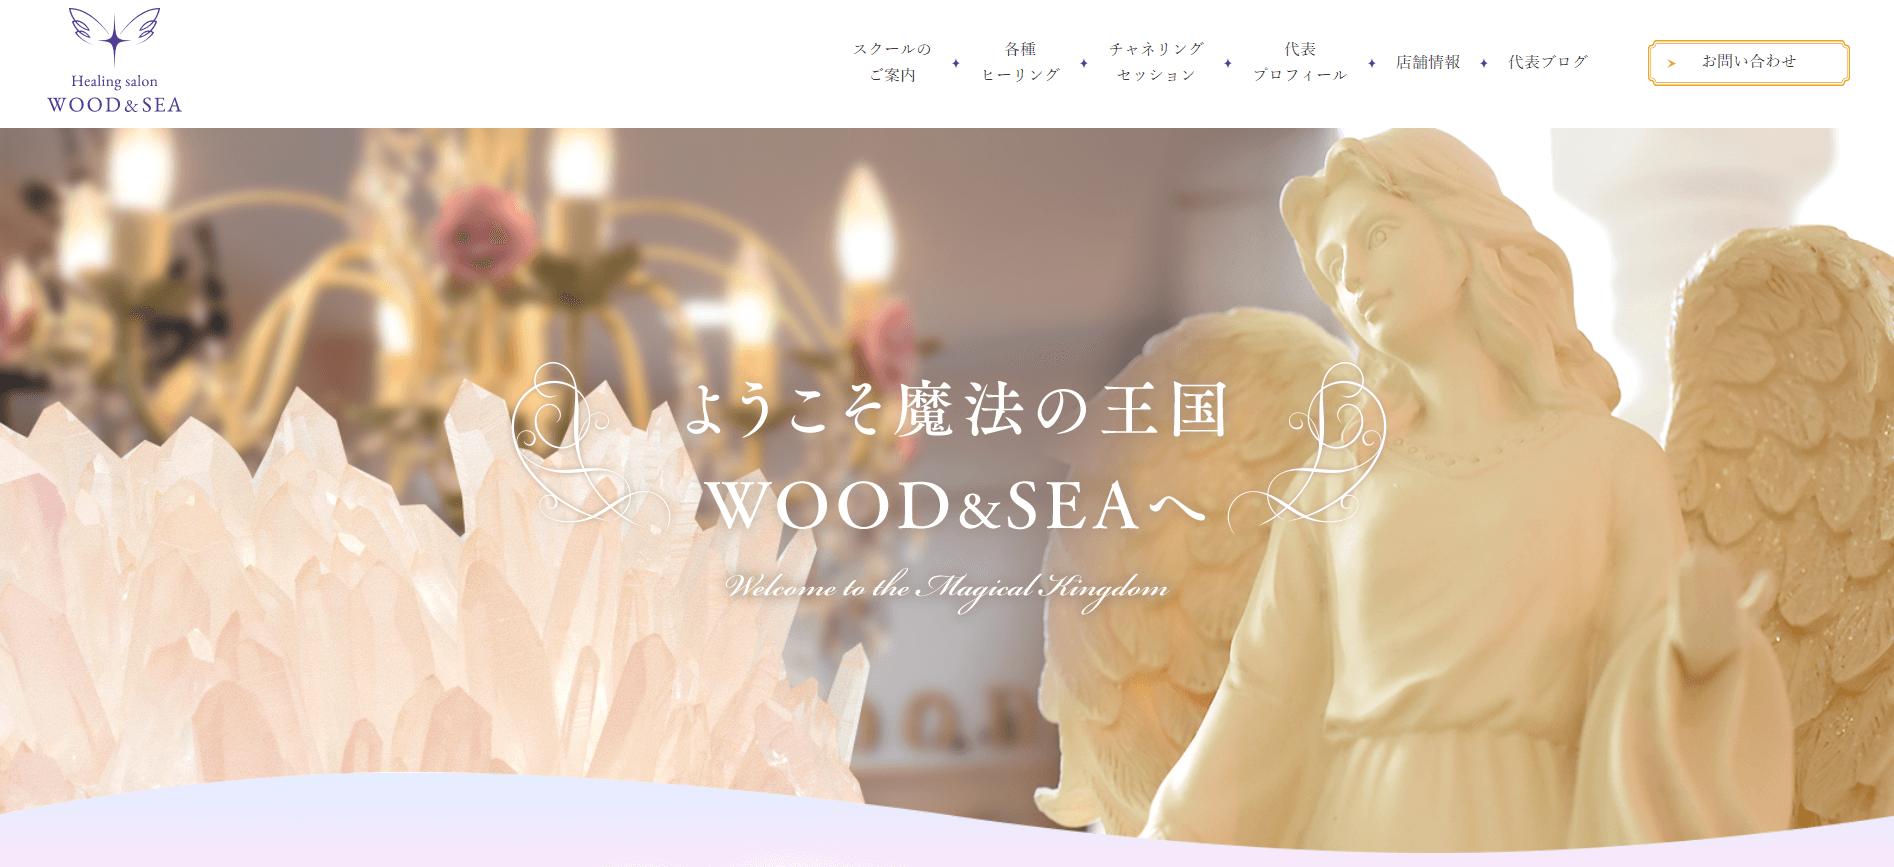 Wood&Sea アイキャッチ画像